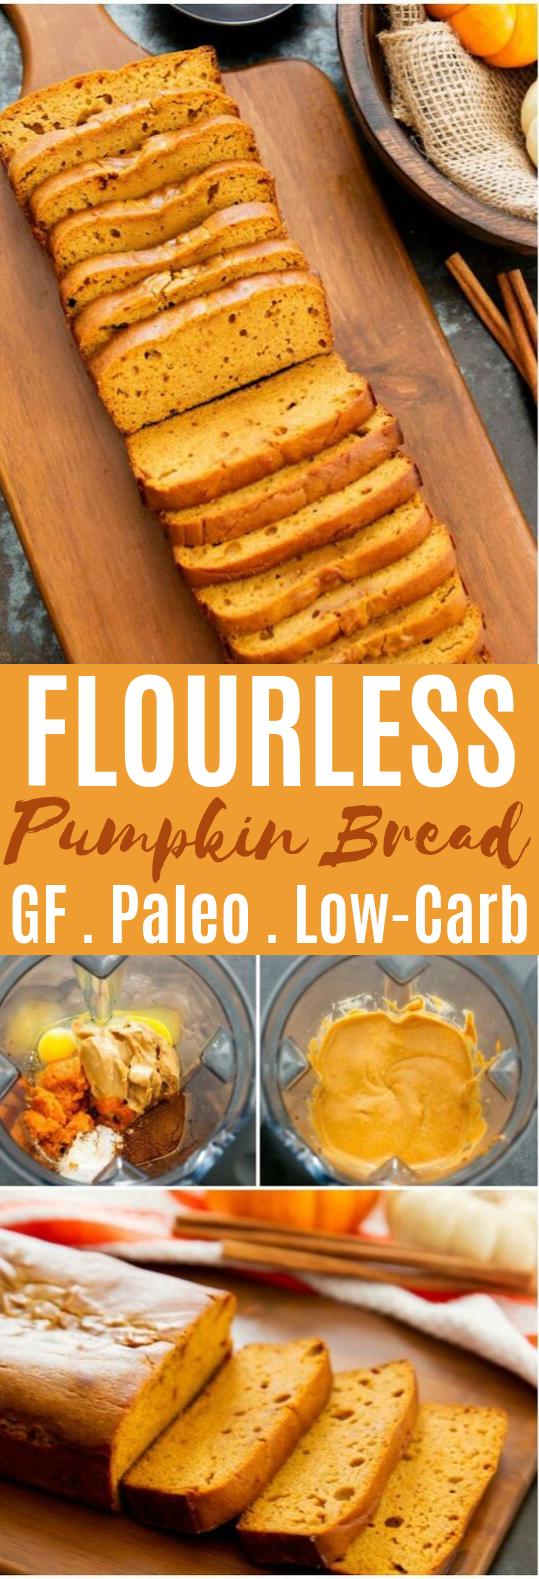 Flourless Pumpkin Bread #healthy #glutenfree